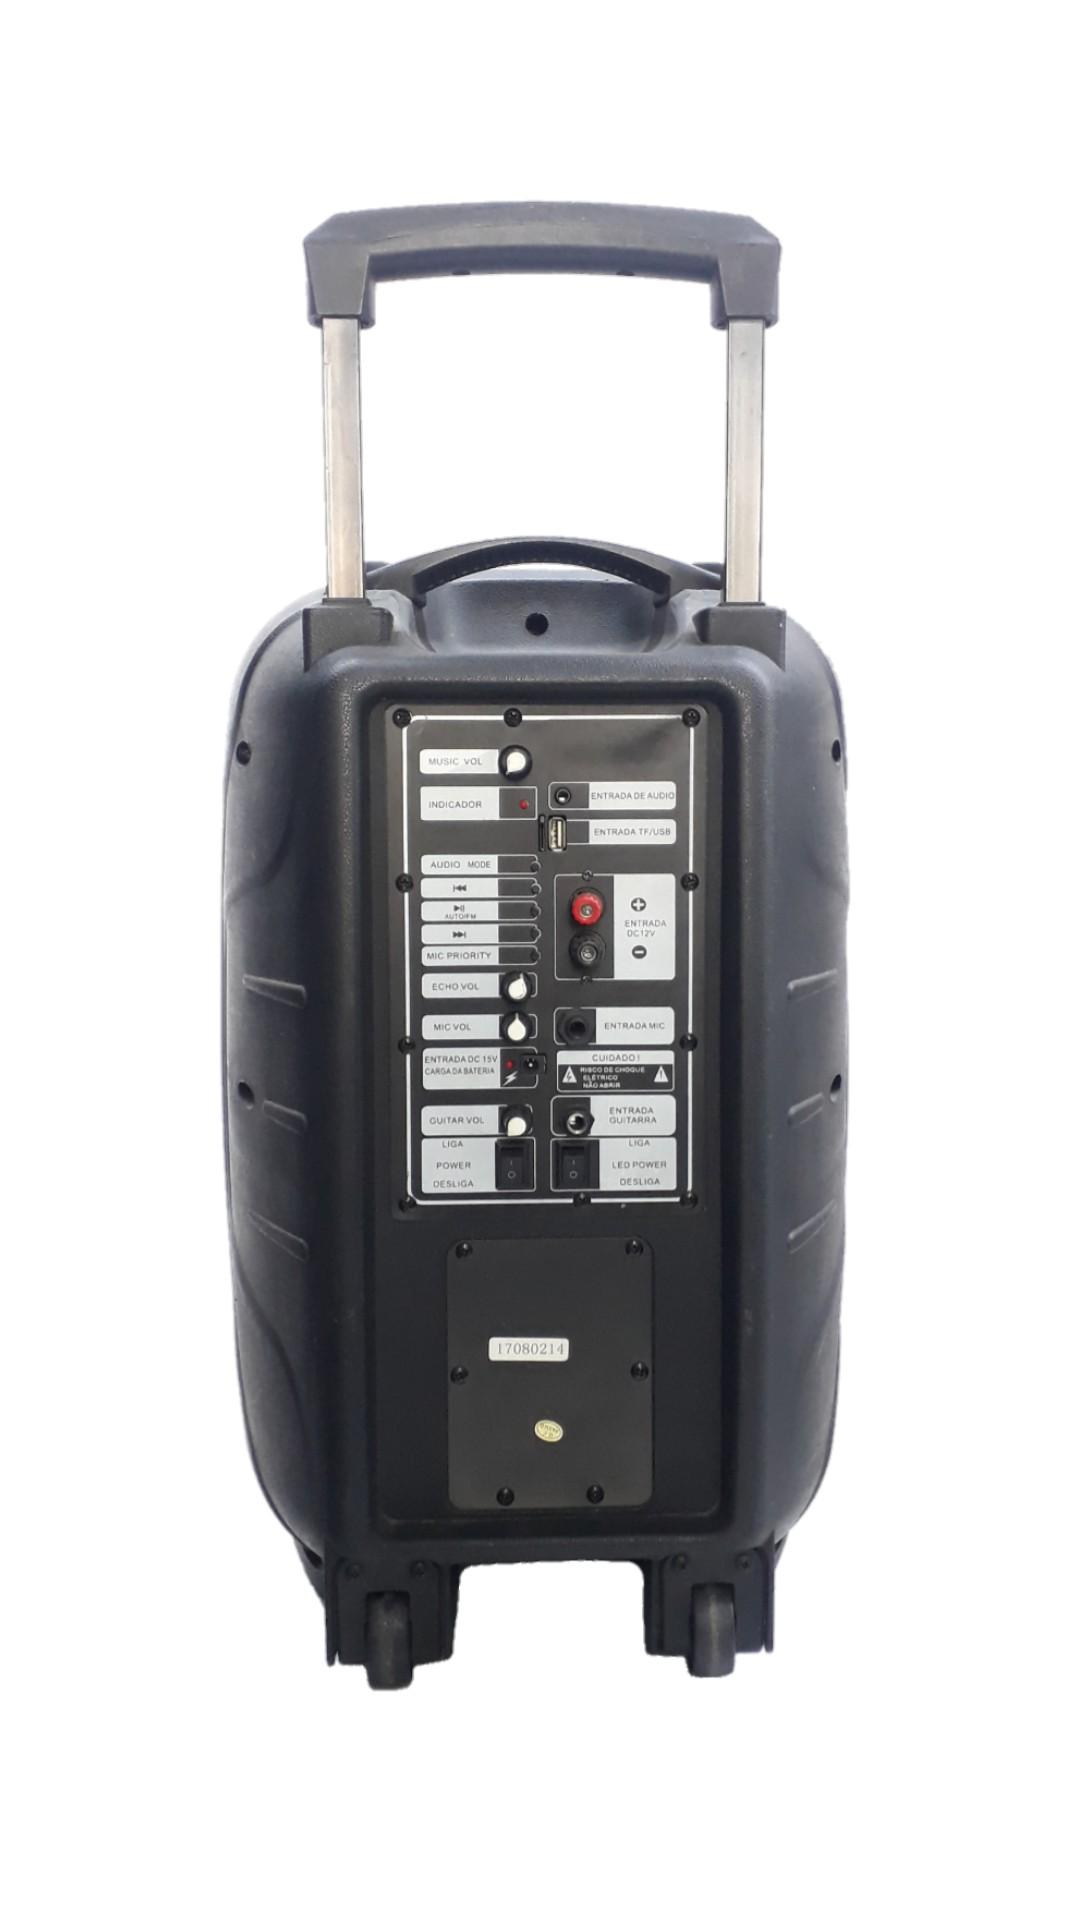 Caixa Amplificada Audmax 349 Blue.Usb/Sd/Fm,1microfone Falante de 12'Bat12v Roda Ativa 240wref